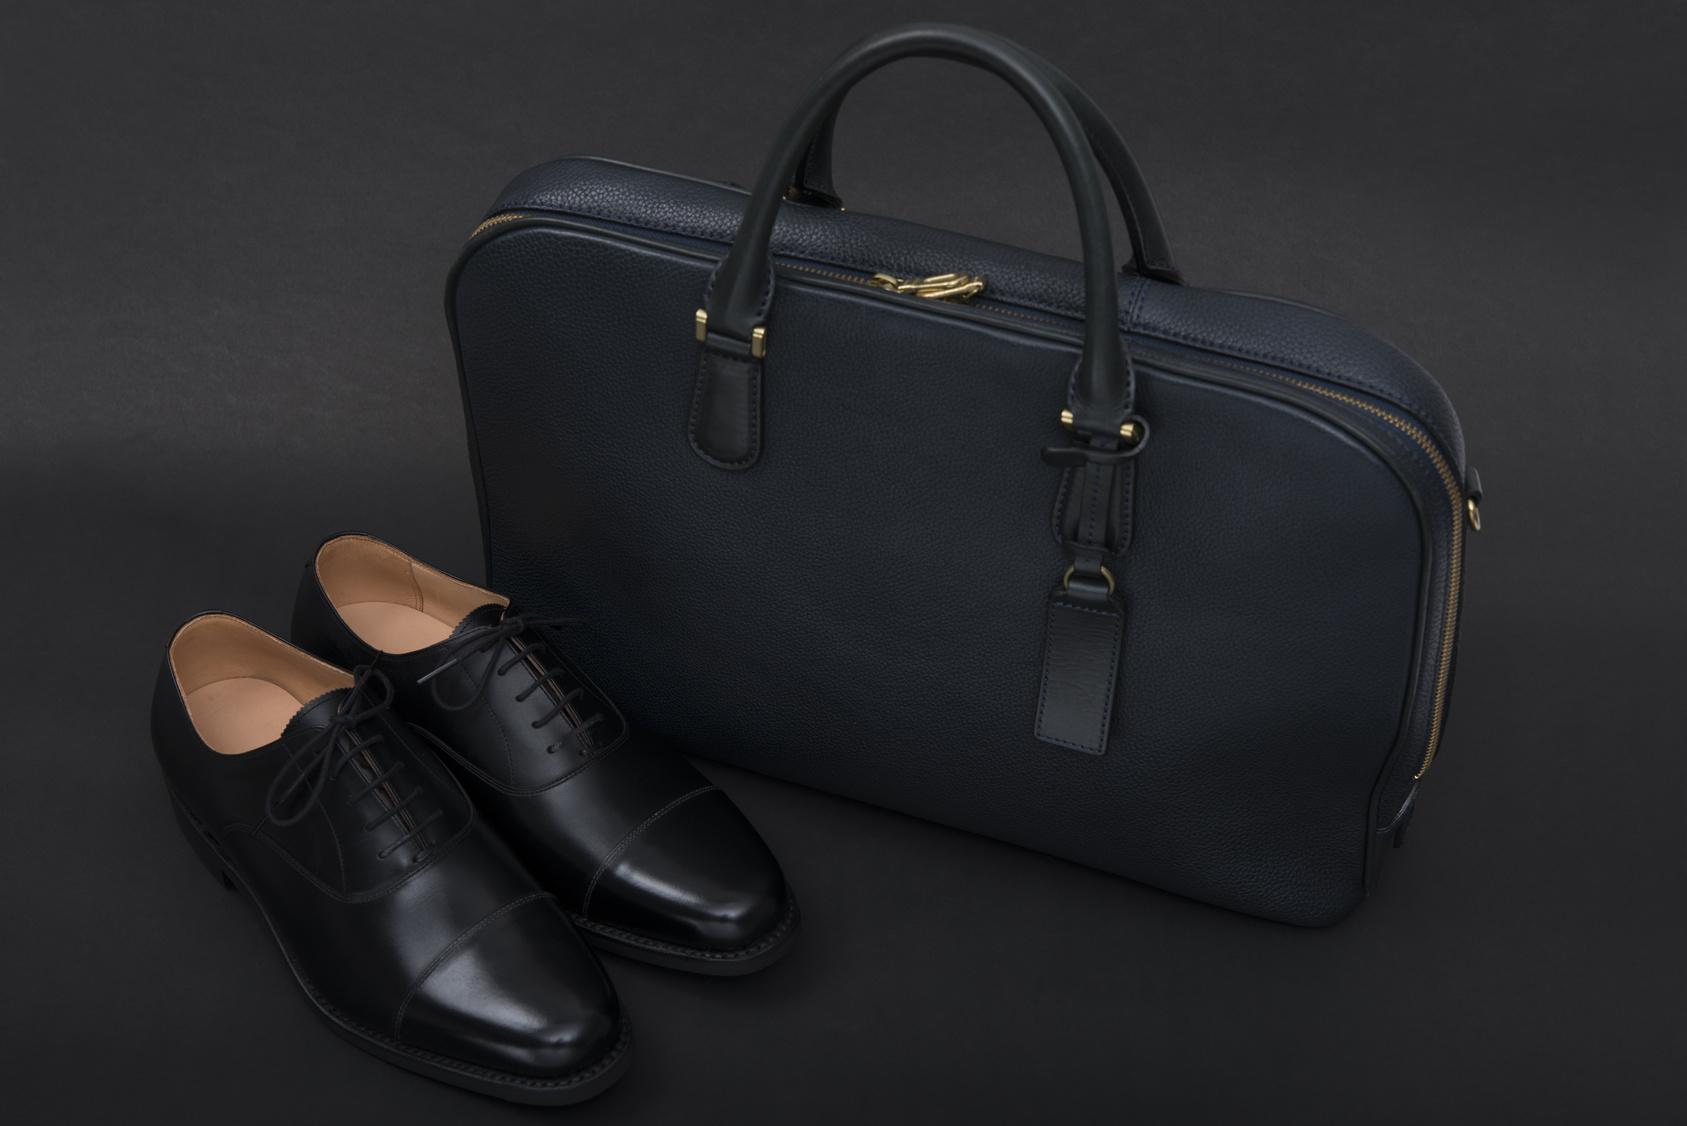 ビジネスシューズとバッグ